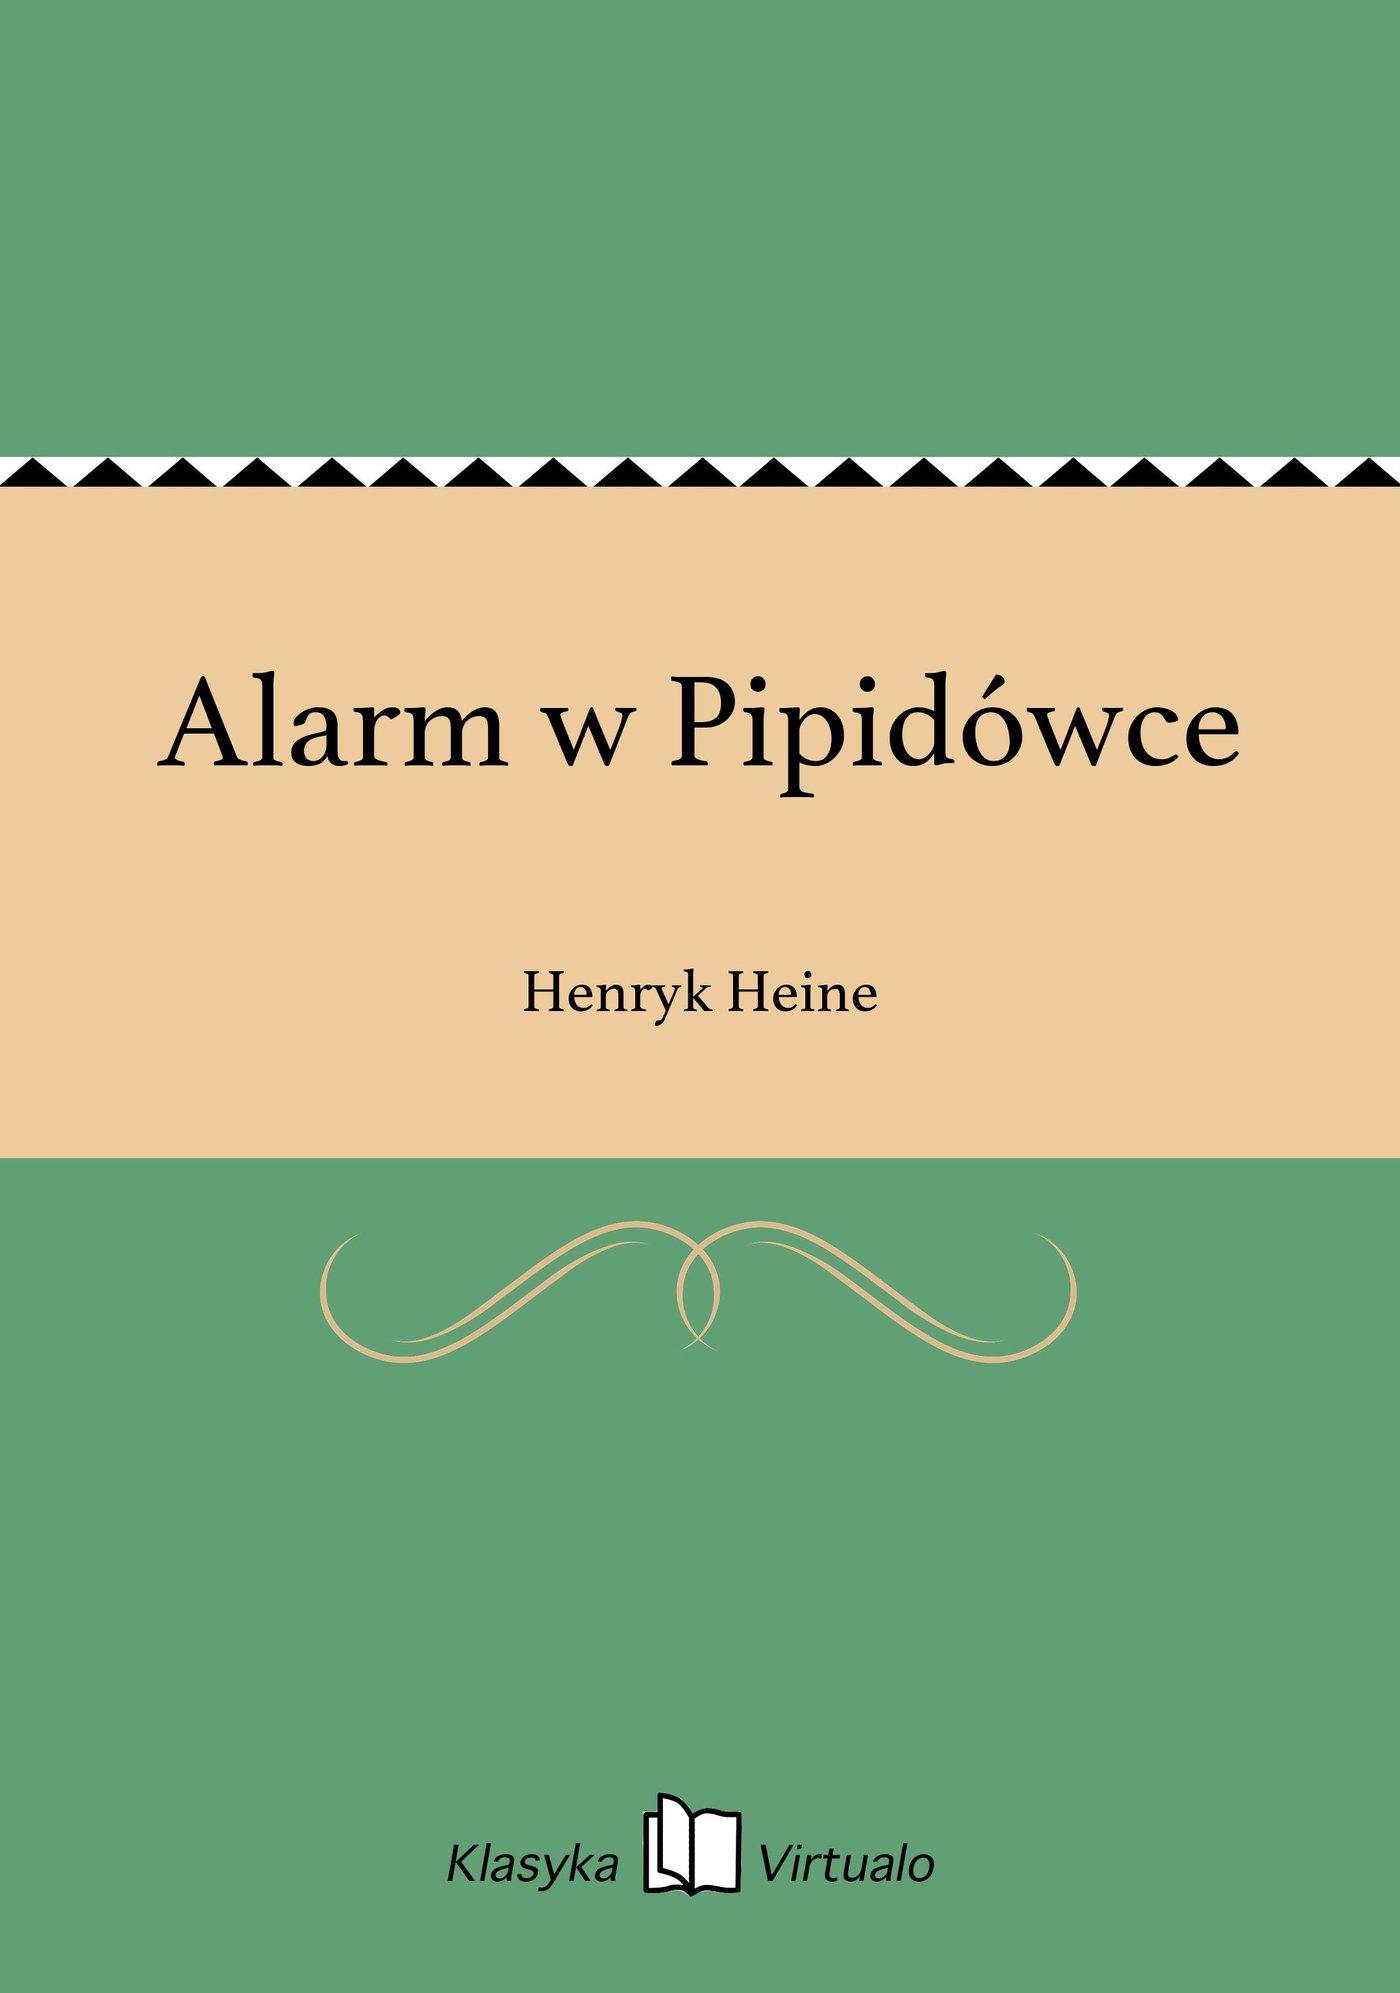 Alarm w Pipidówce - Ebook (Książka EPUB) do pobrania w formacie EPUB